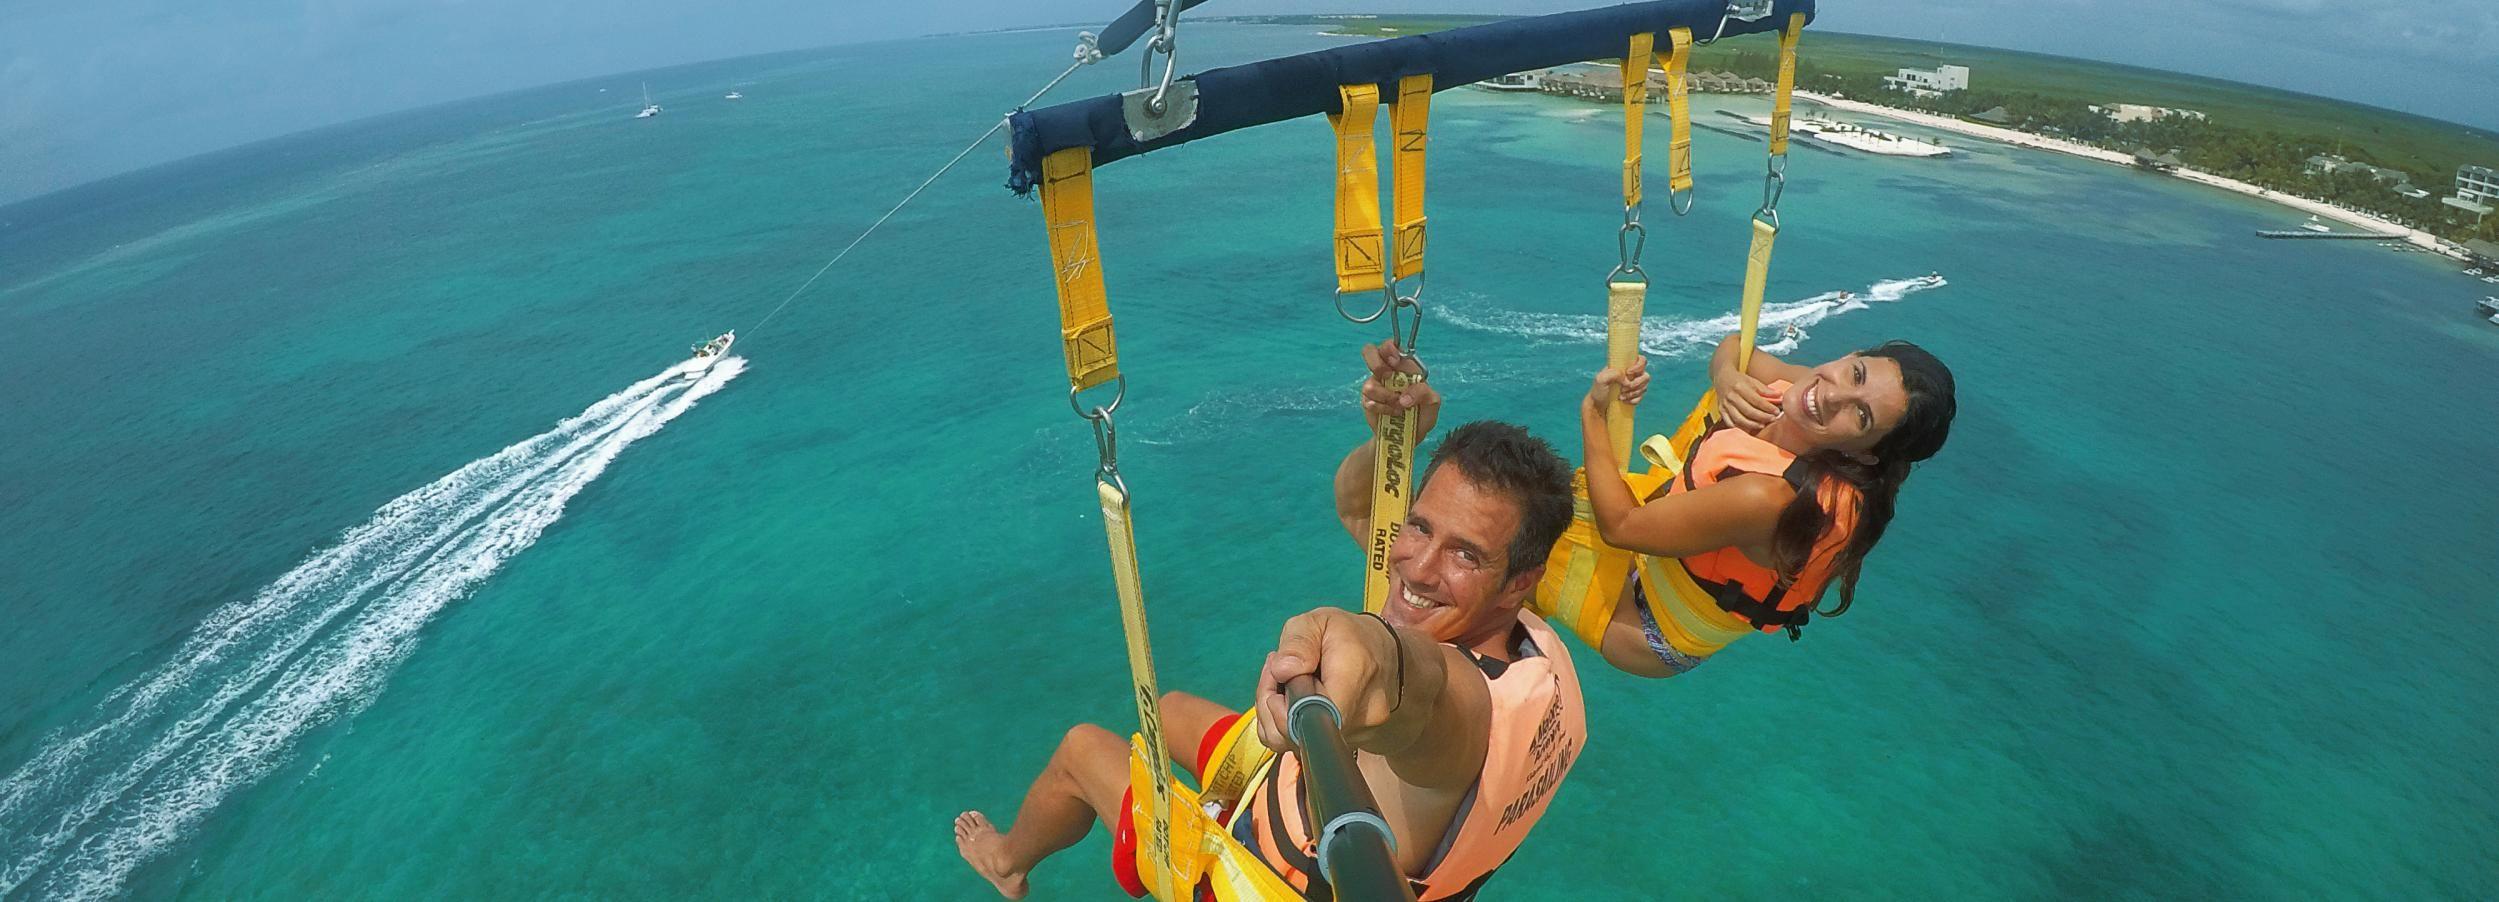 Playa del Carmen: aventura de paravelismo con aperitivos